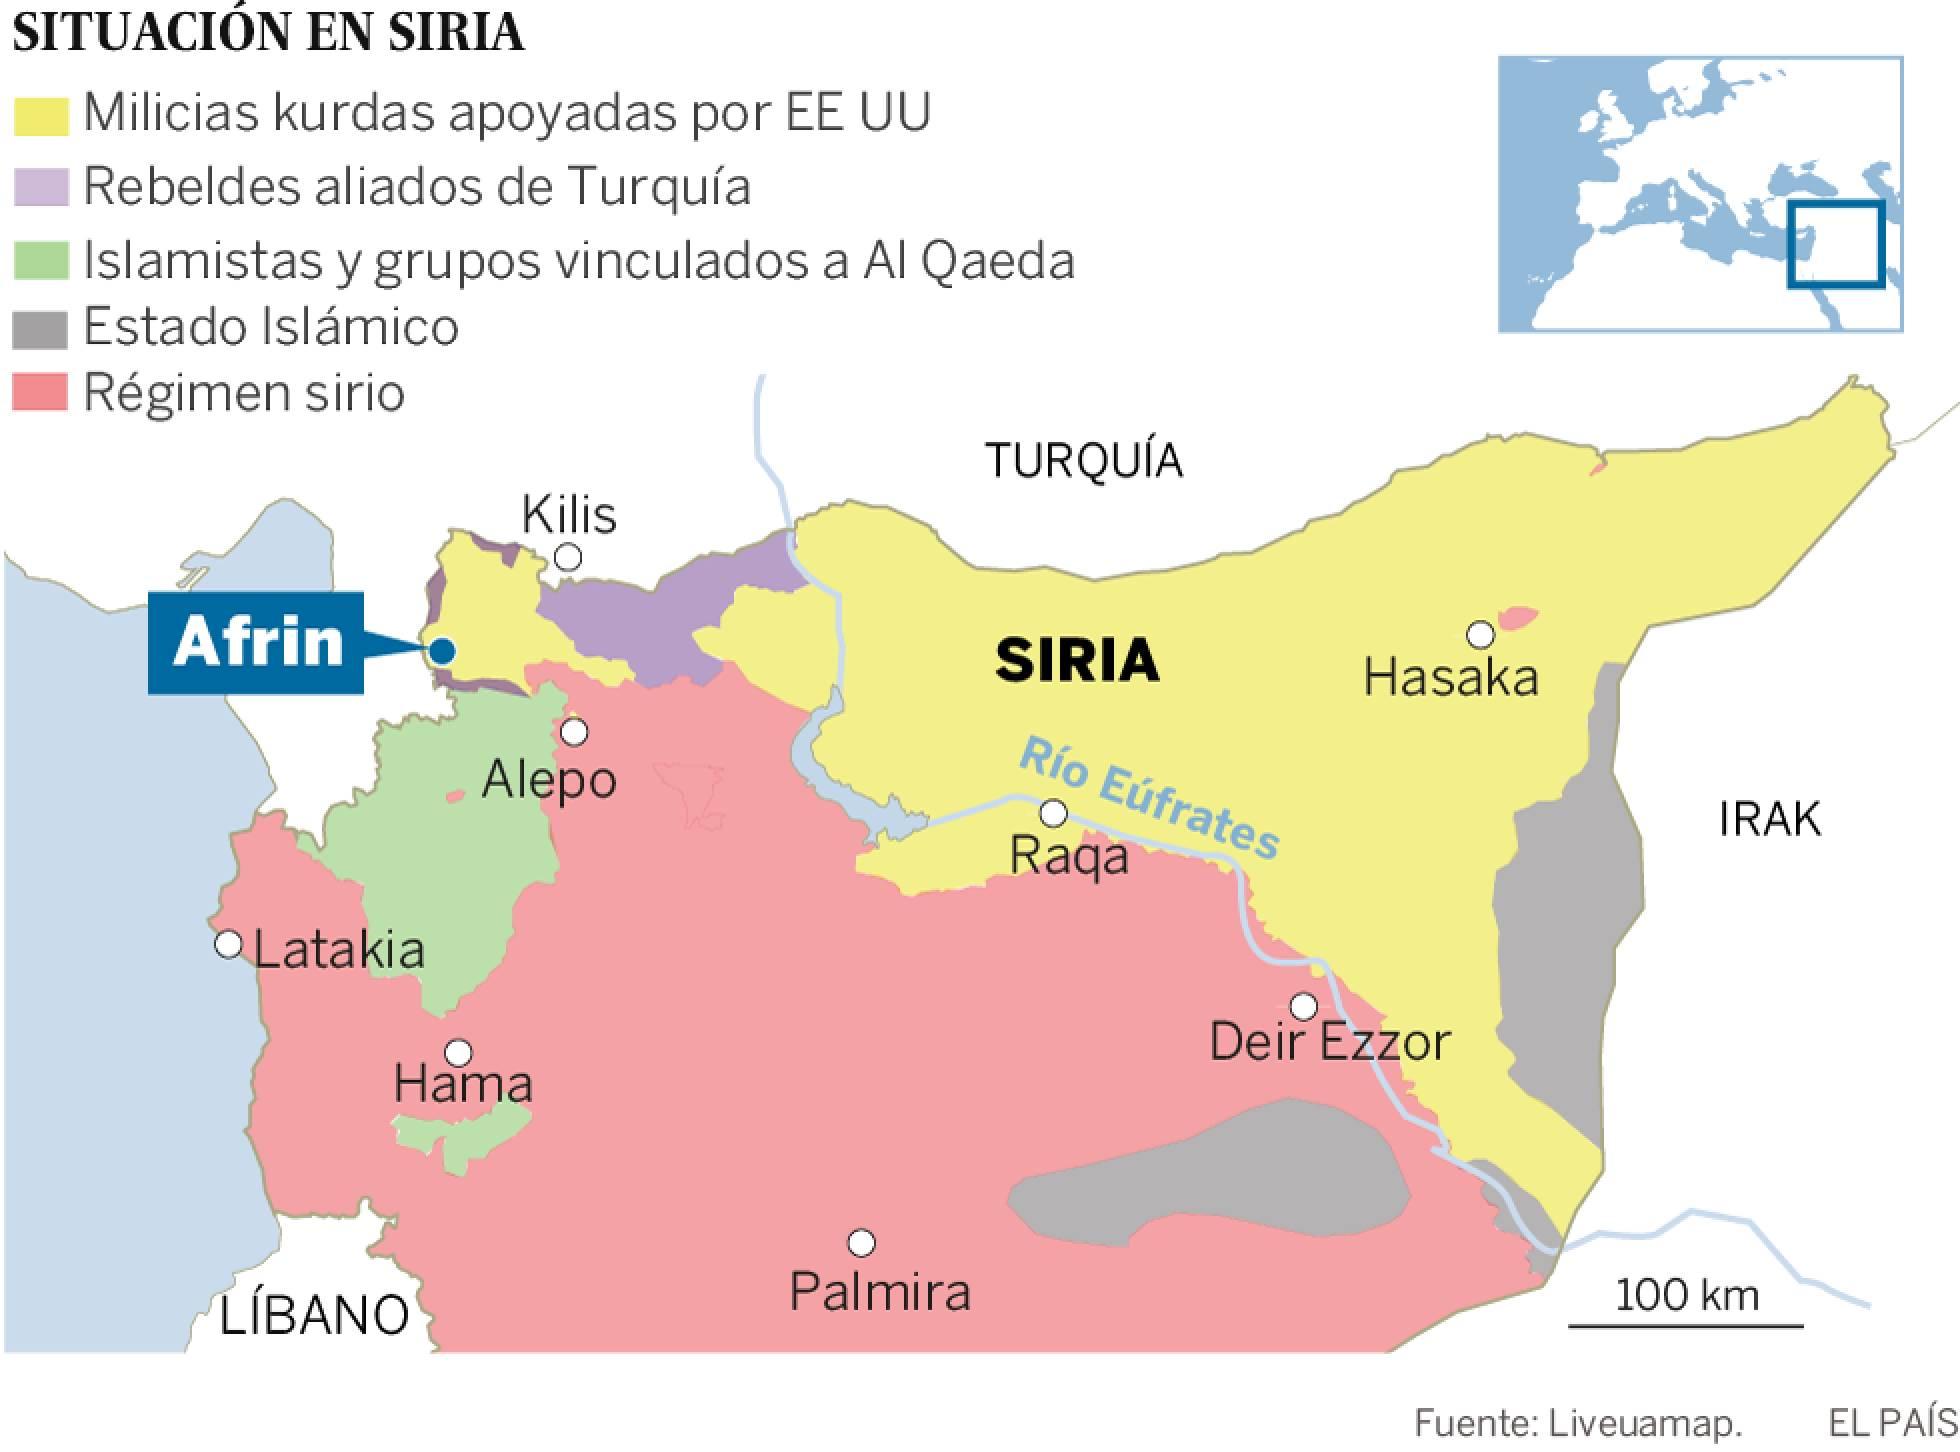 Conflicto Turquía - Siria  - Página 14 1519149540_578084_1519155347_sumario_normal_recorte1